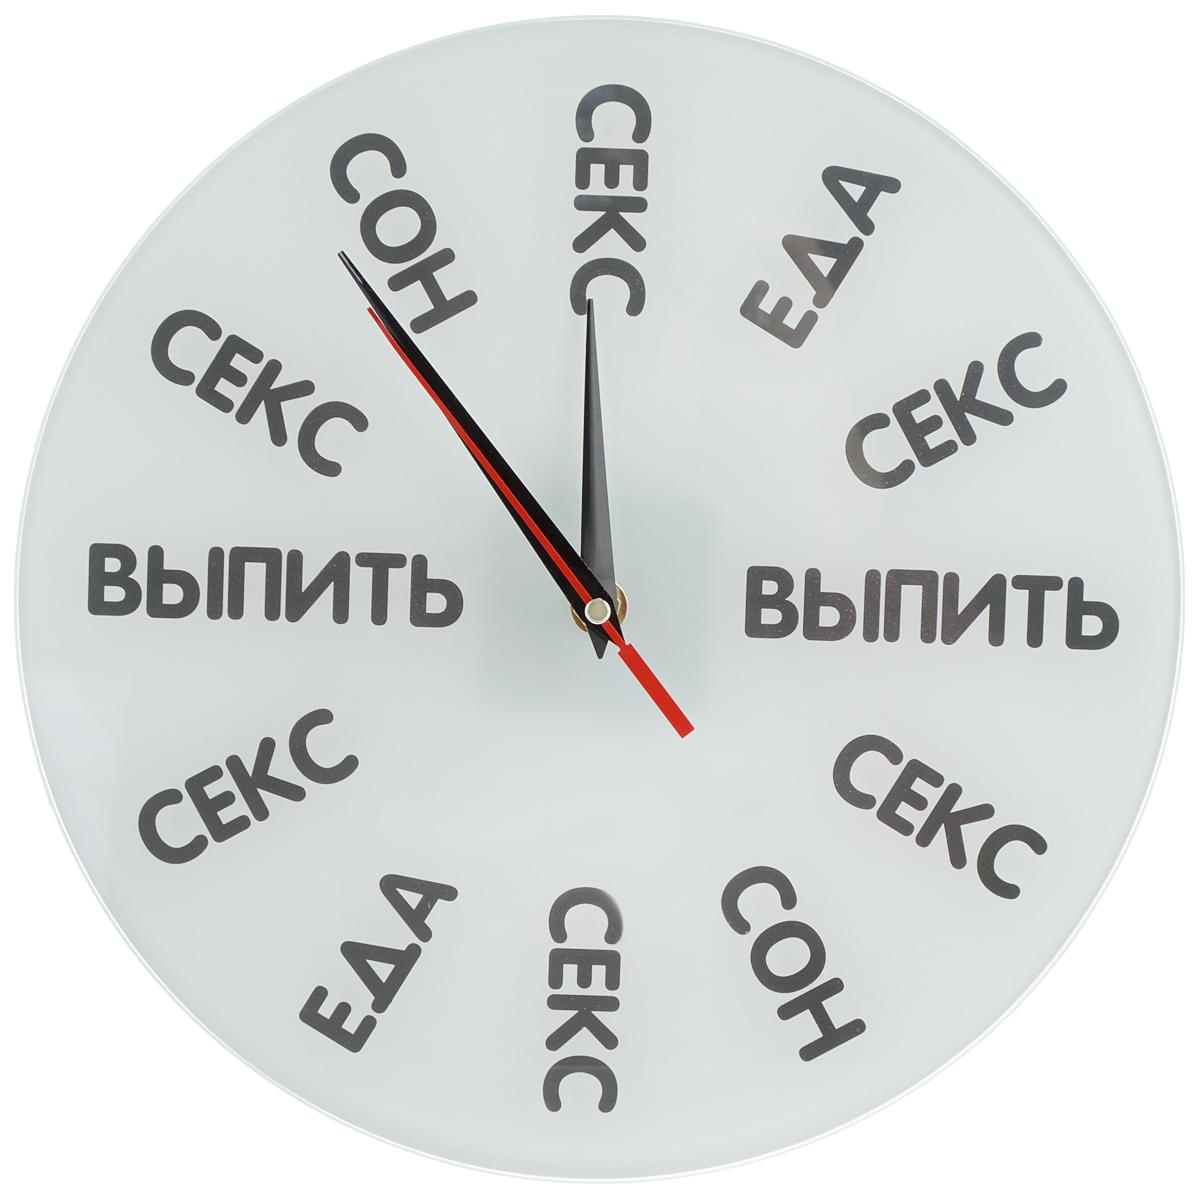 Часы настенные Miolla Расписание, стеклянные, цвет: черный, белый, диаметр 28 смСК011 2044Оригинальные настенные часы Miolla Расписание круглой формы выполнены из закаленного стекла. Часы имеют три стрелки - часовую, минутную и секундную и циферблат с цифрами. Необычное дизайнерское решение и качество исполнения придутся по вкусу каждому. На задней стенке часов расположена металлическая петелька для подвешивания. Часы работают от одной батарейки типа АА.Диаметр часов: 28 см.Такие часы послужат отличным подарком для ценителя ярких и необычных вещей.Батарейка в комплект не входит.